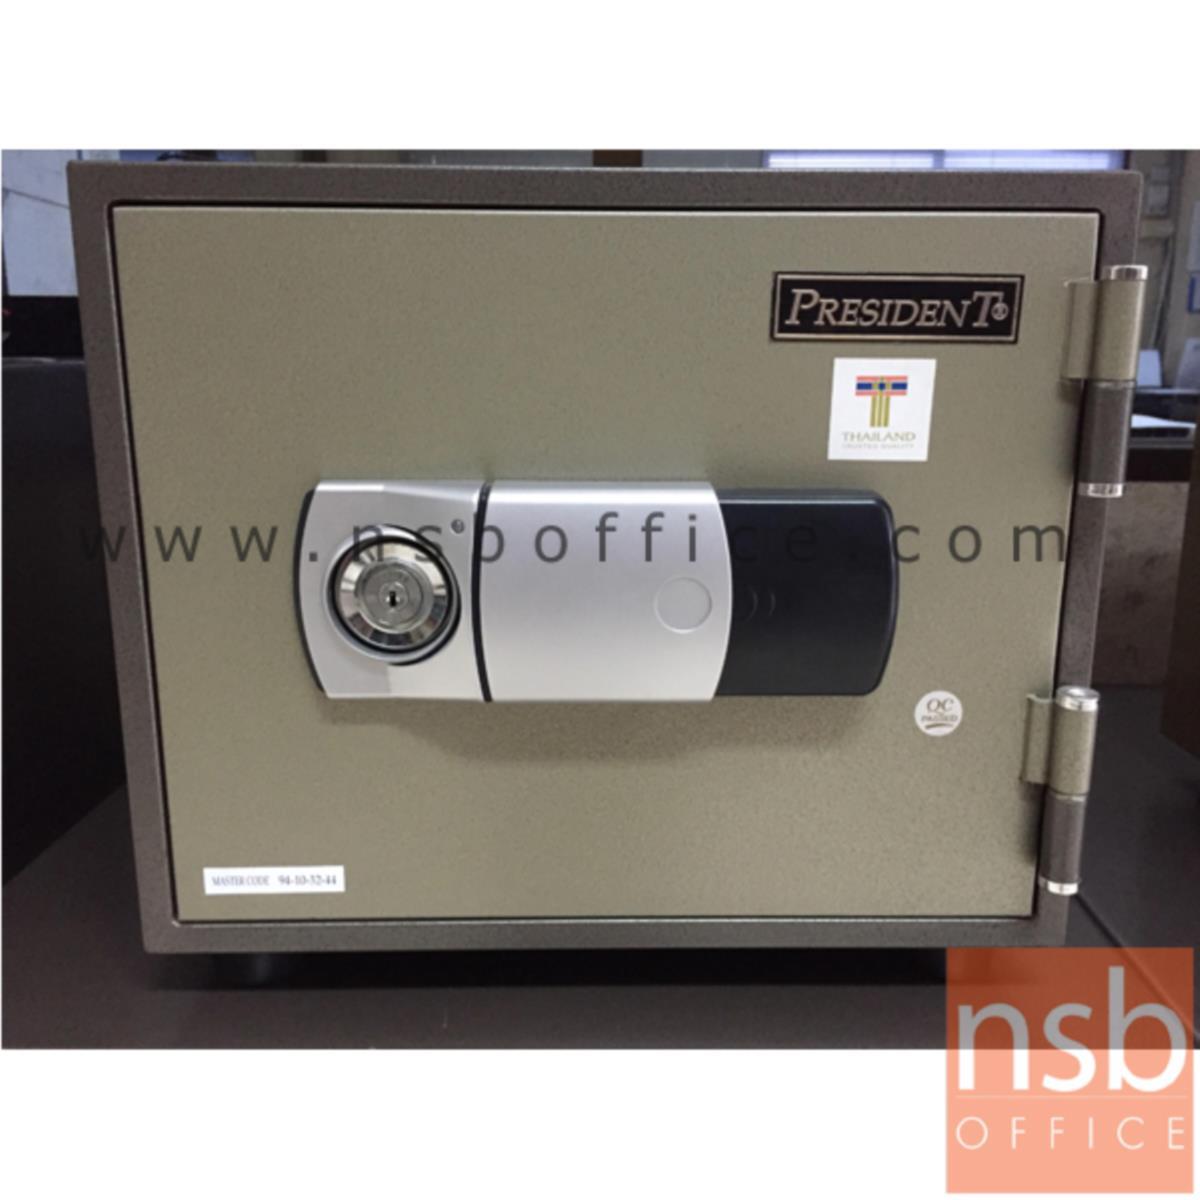 ตู้เซฟนิรภัยชนิดดิจิตอล 50 กก.  รุ่น PRESIDENT-SS1D มี 1 กุญแจ 1 รหัส (รหัสใช้กดหน้าตู้)